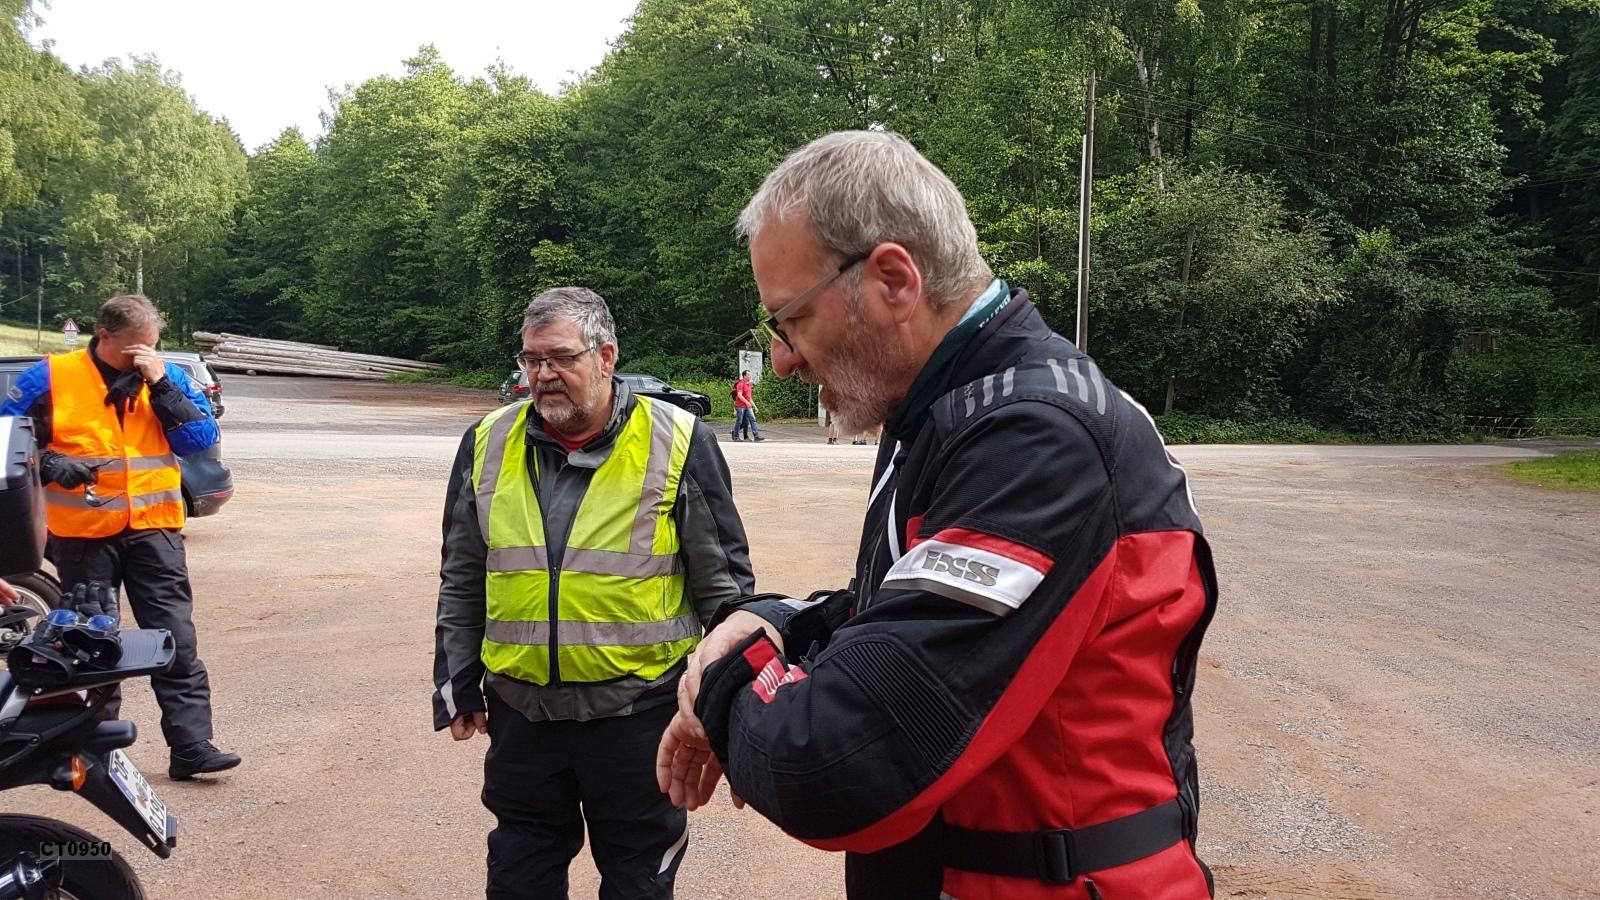 Unser Organisator der Ausfahrt - Klaus Jacobi - schaut auf die Uhr: Alles verläuft nach Plan